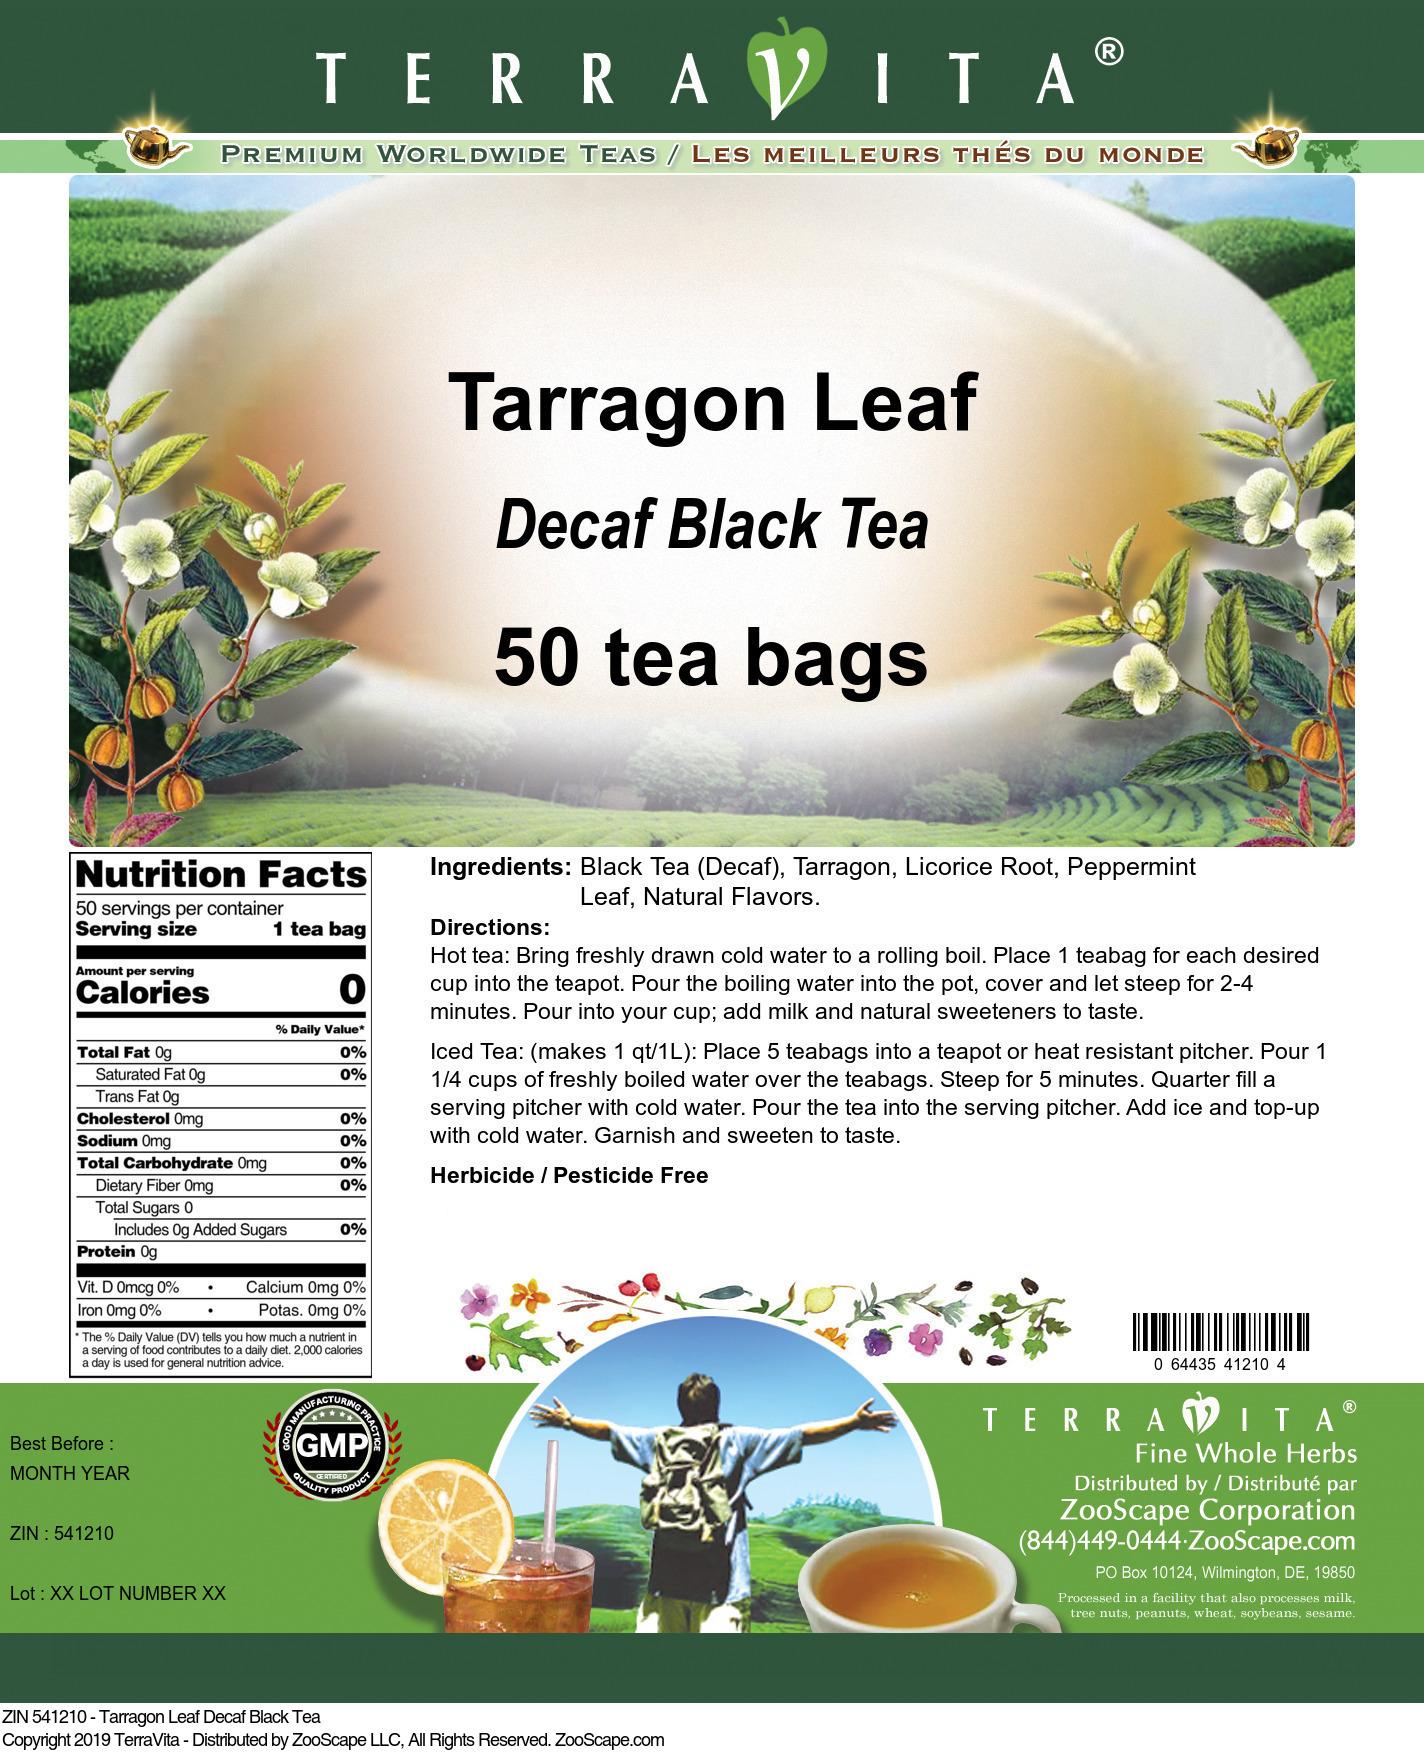 Tarragon Leaf Decaf Black Tea